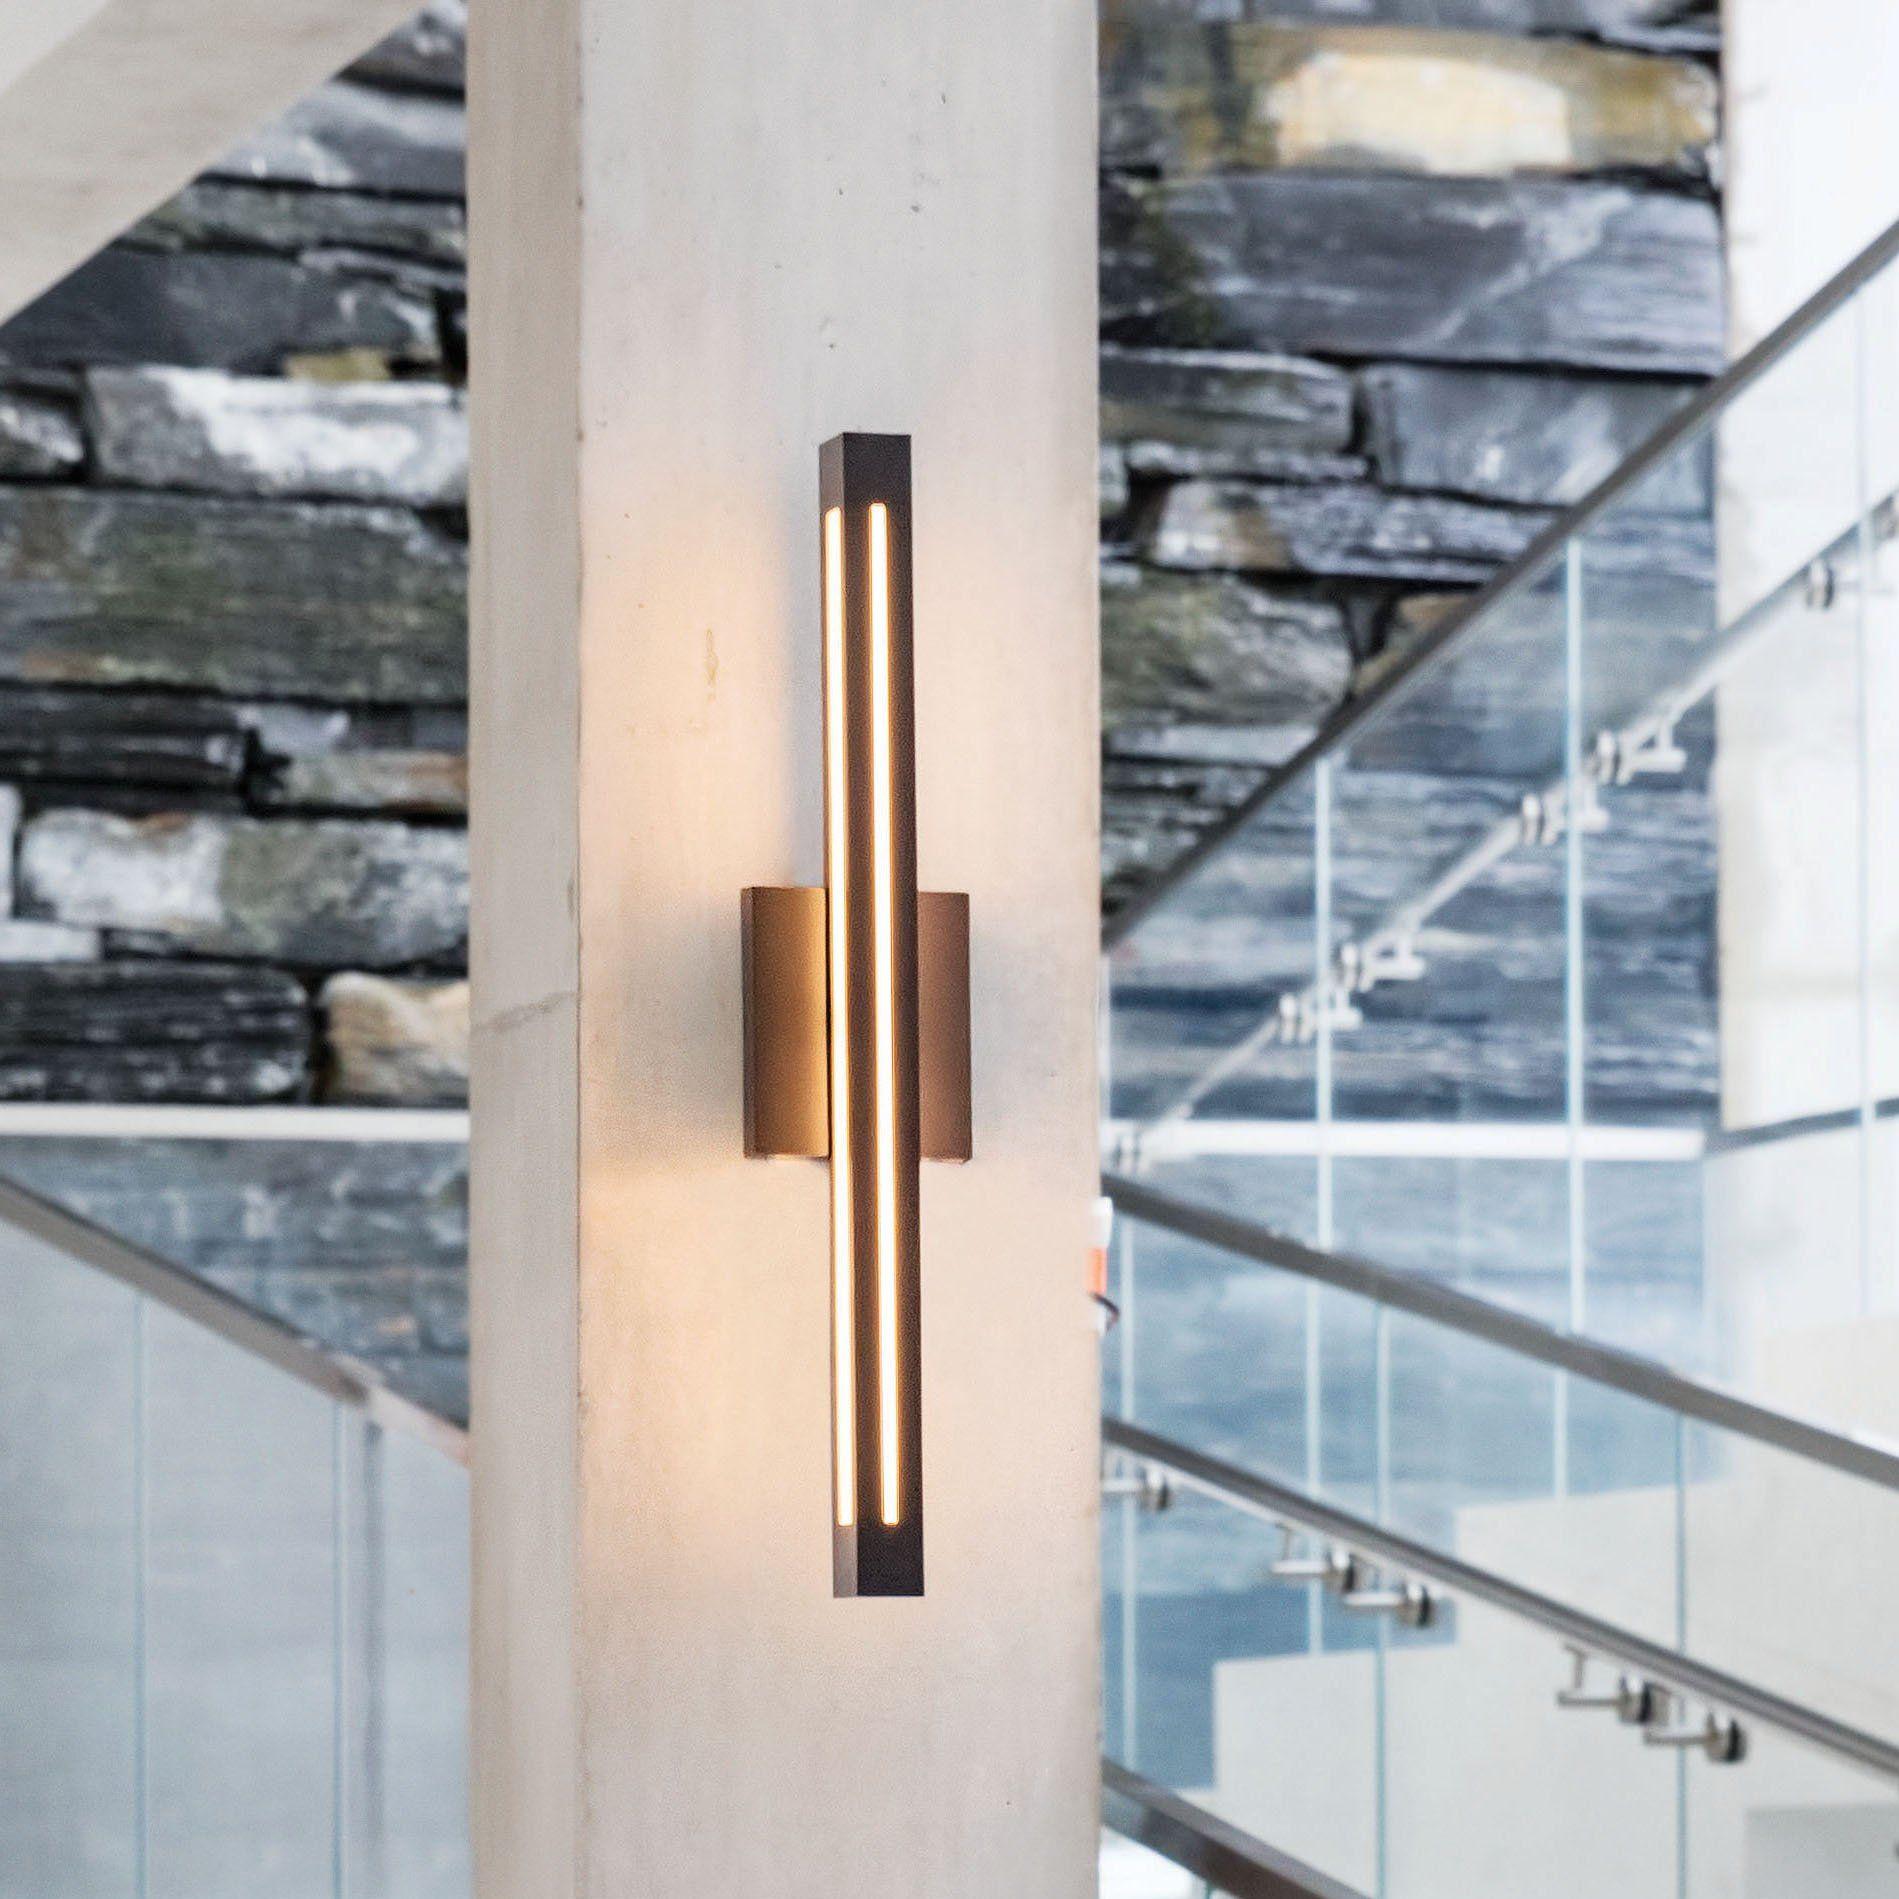 Vue Outdoor Wall Light In 2021 Modern Outdoor Wall Lighting Modern Exterior Lighting Outdoor Wall Lighting